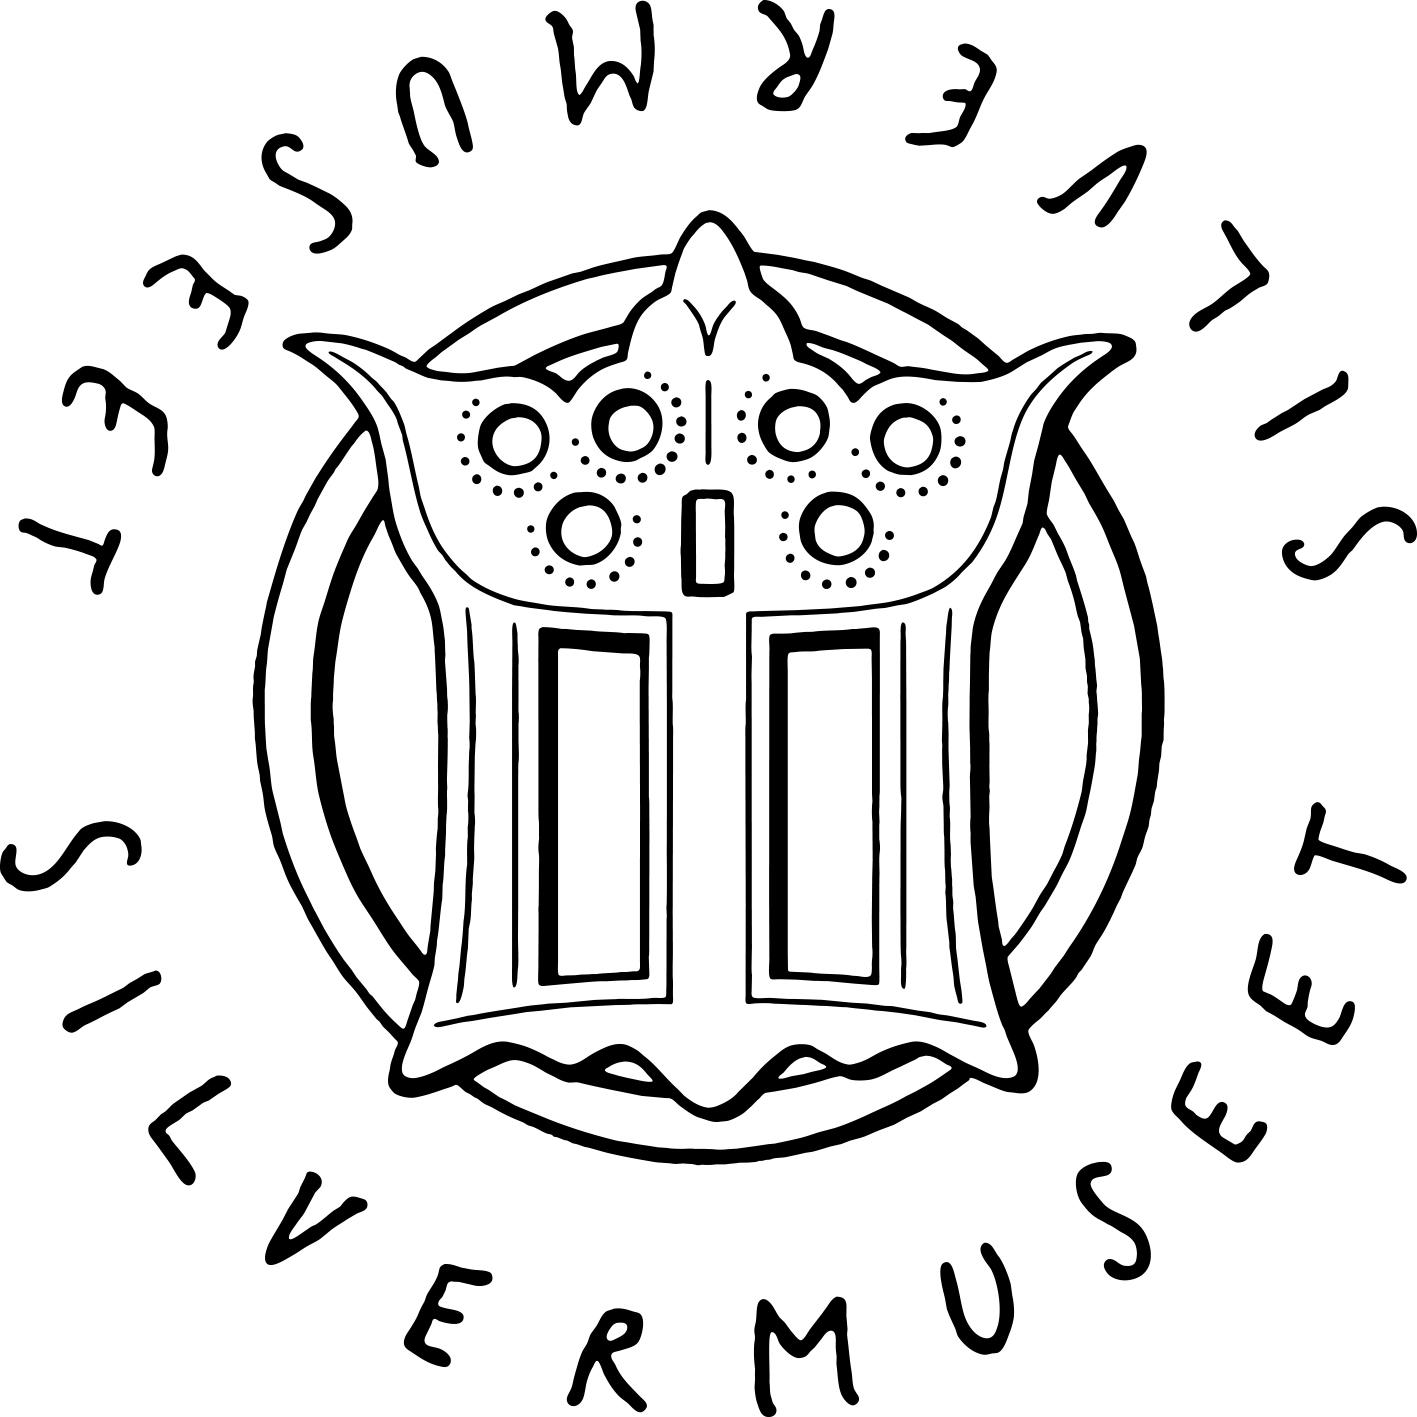 Silvermuseet